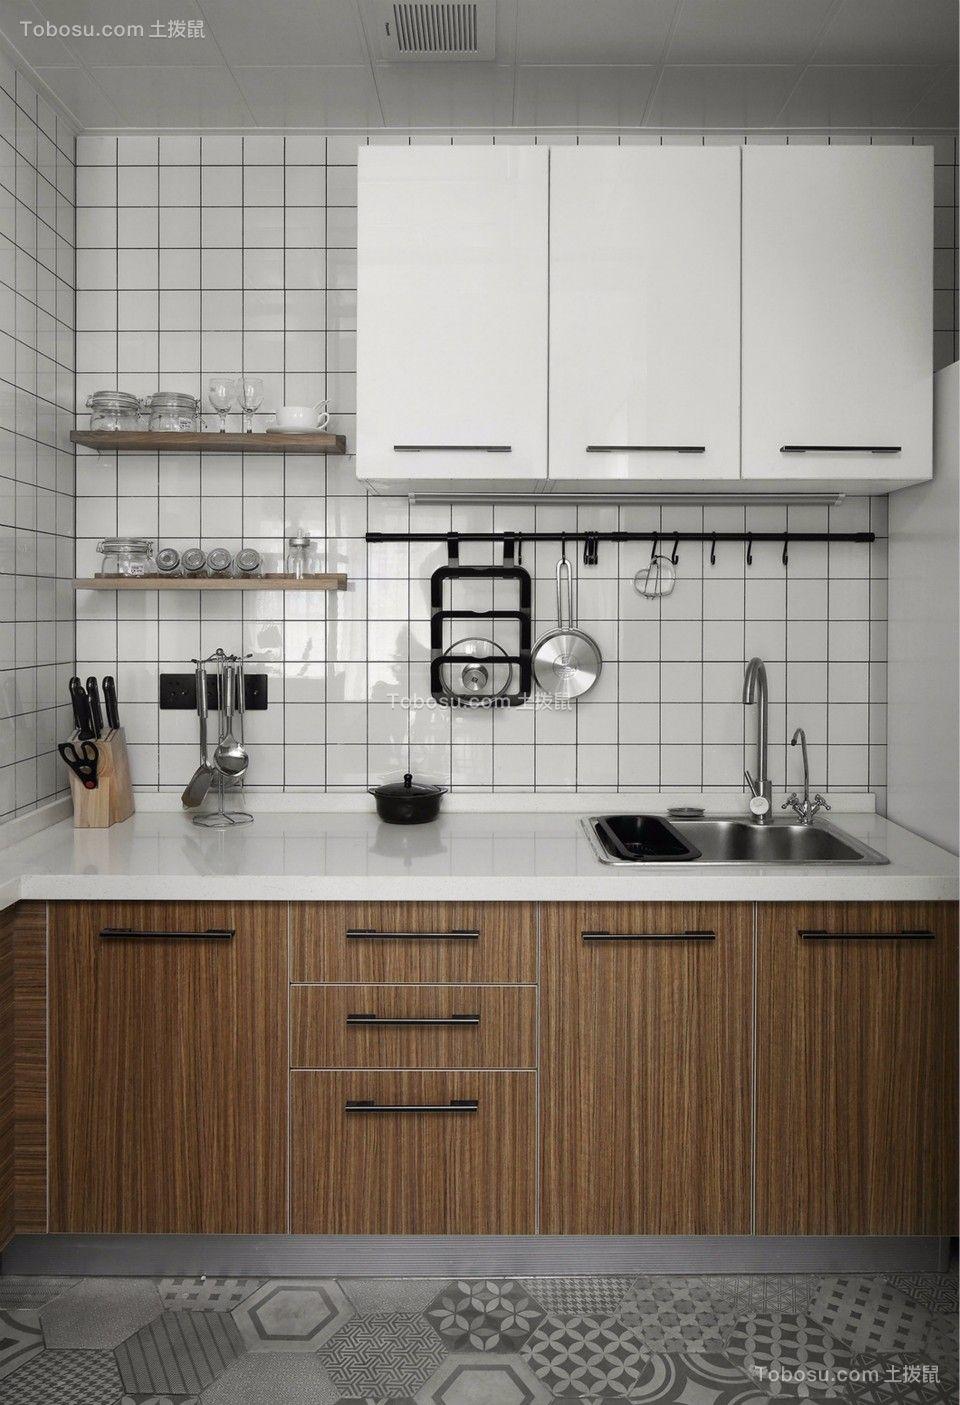 厨房 橱柜_杨南新城两室两厅89平北欧风格装修效果图